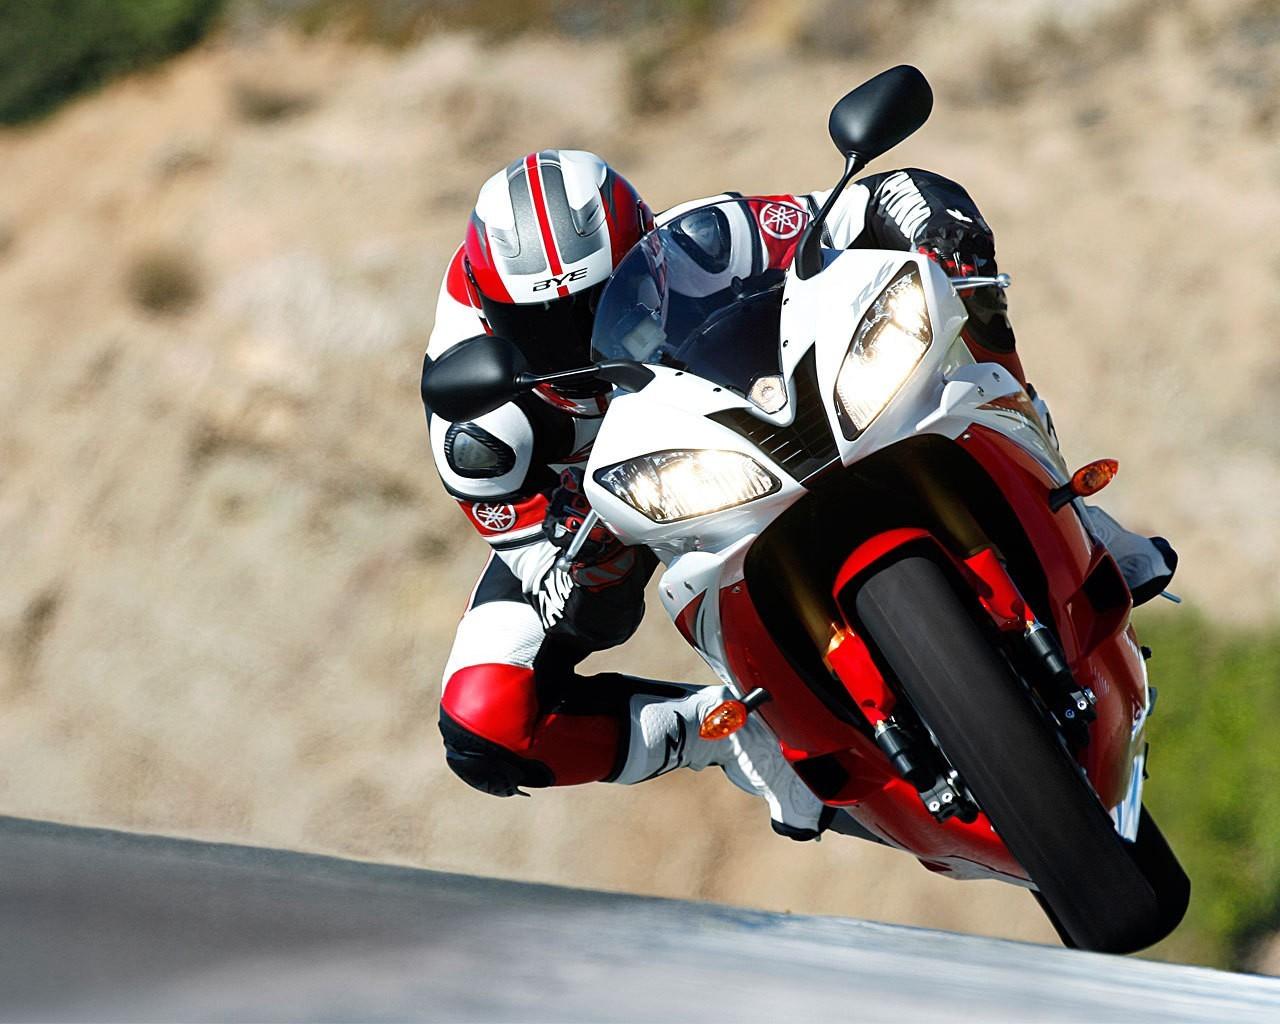 6814 descargar fondo de pantalla Deportes, Transporte, Motocicletas, Motocross: protectores de pantalla e imágenes gratis